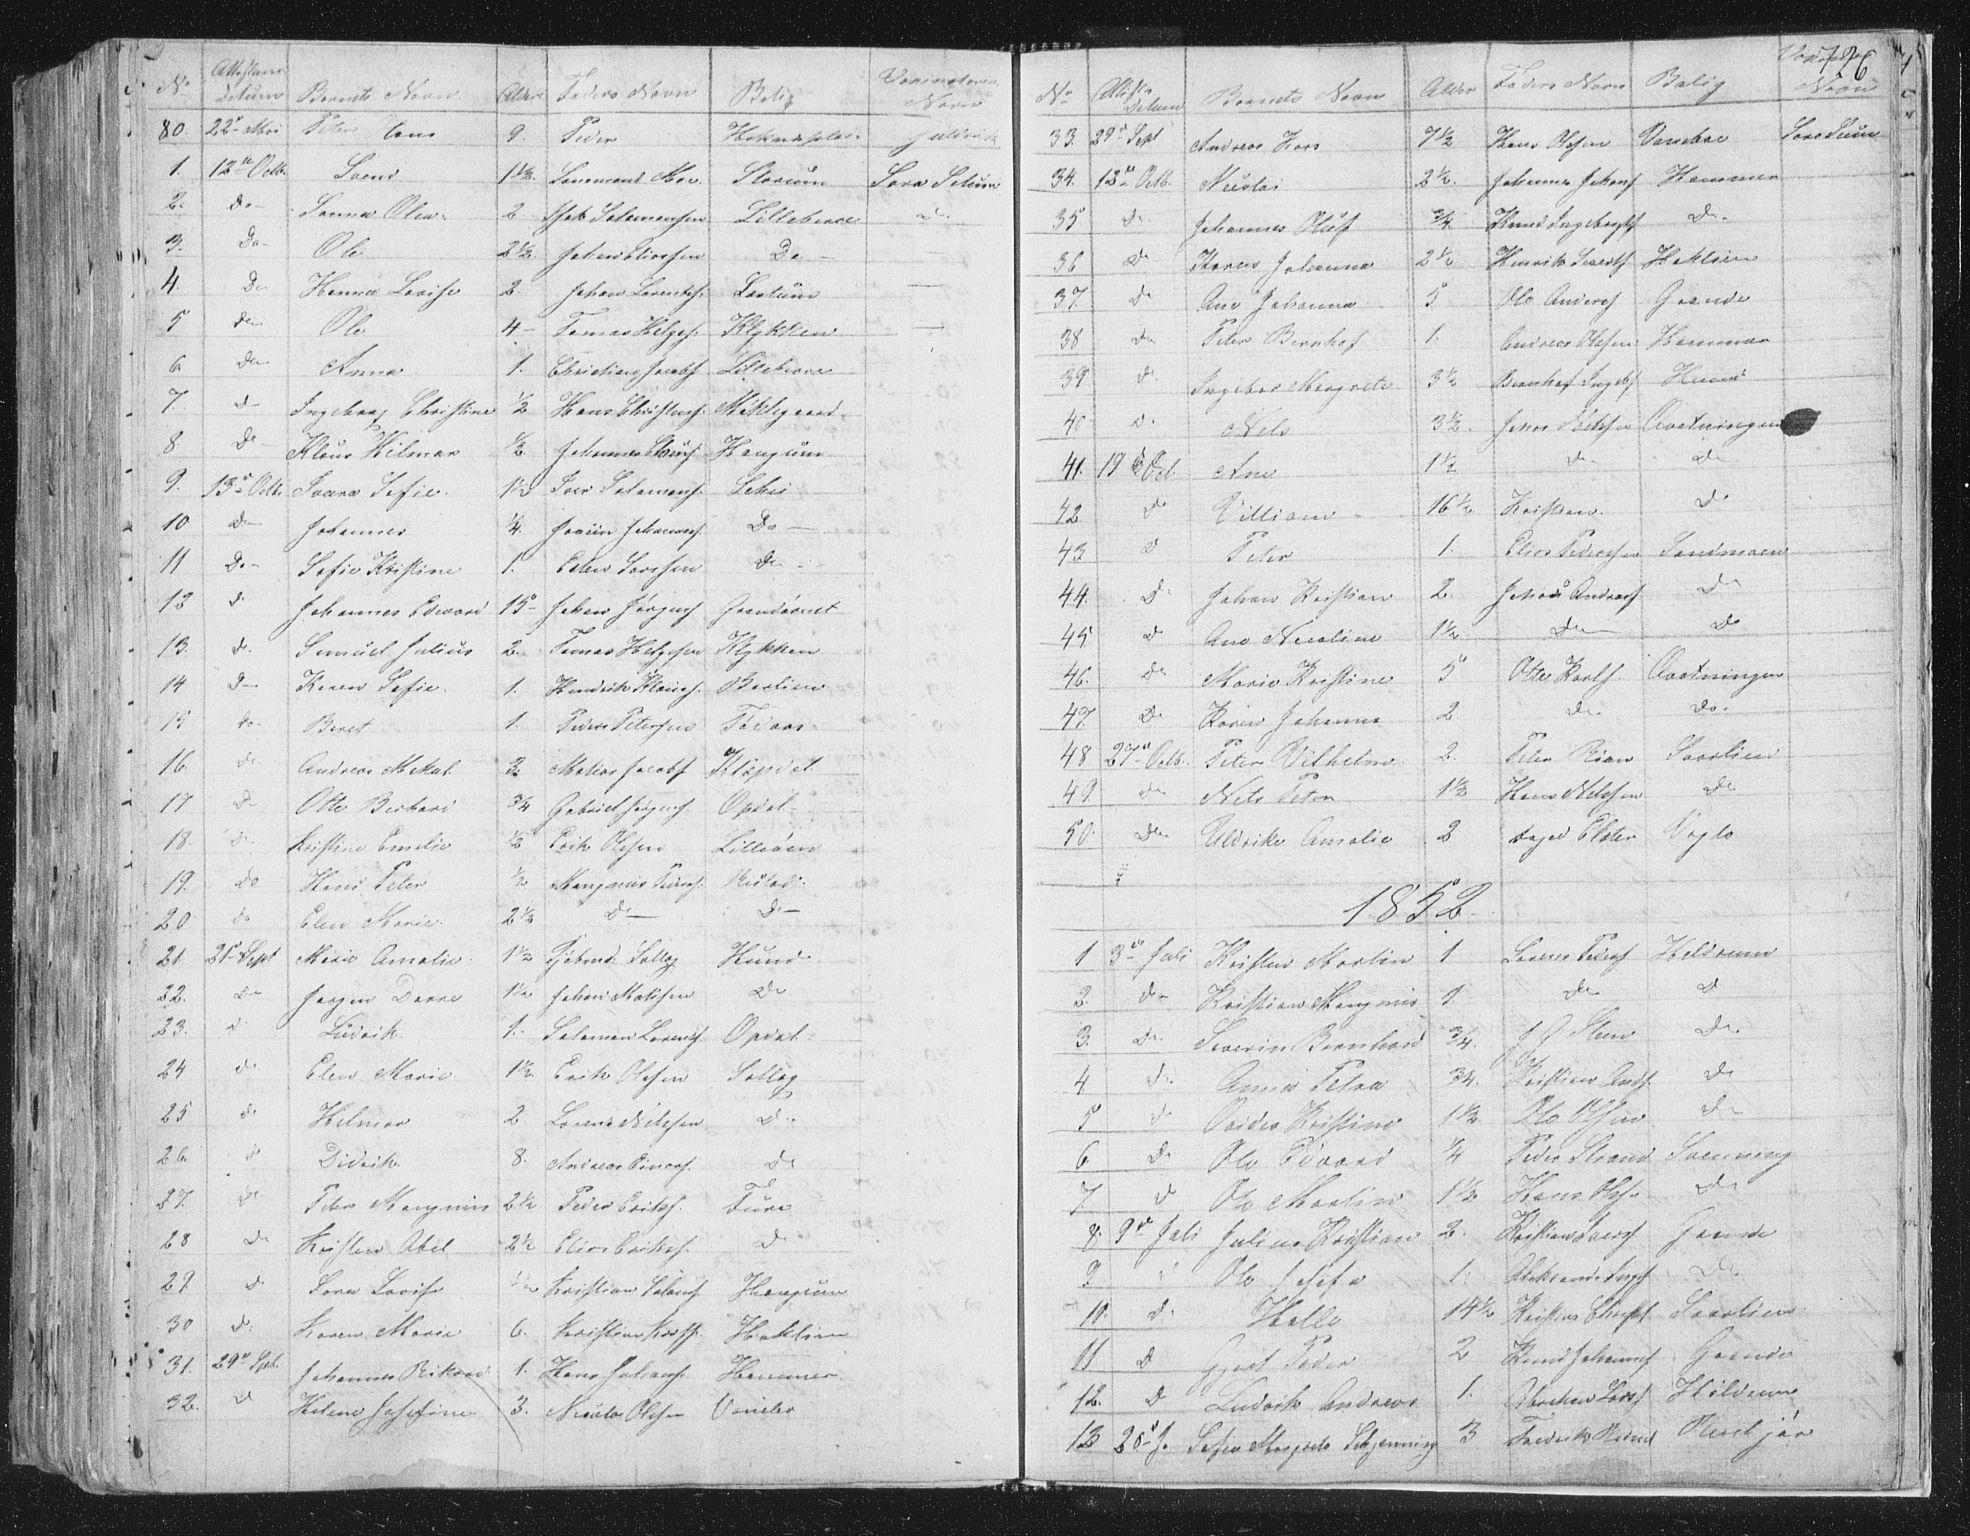 SAT, Ministerialprotokoller, klokkerbøker og fødselsregistre - Nord-Trøndelag, 764/L0552: Ministerialbok nr. 764A07b, 1824-1865, s. 726